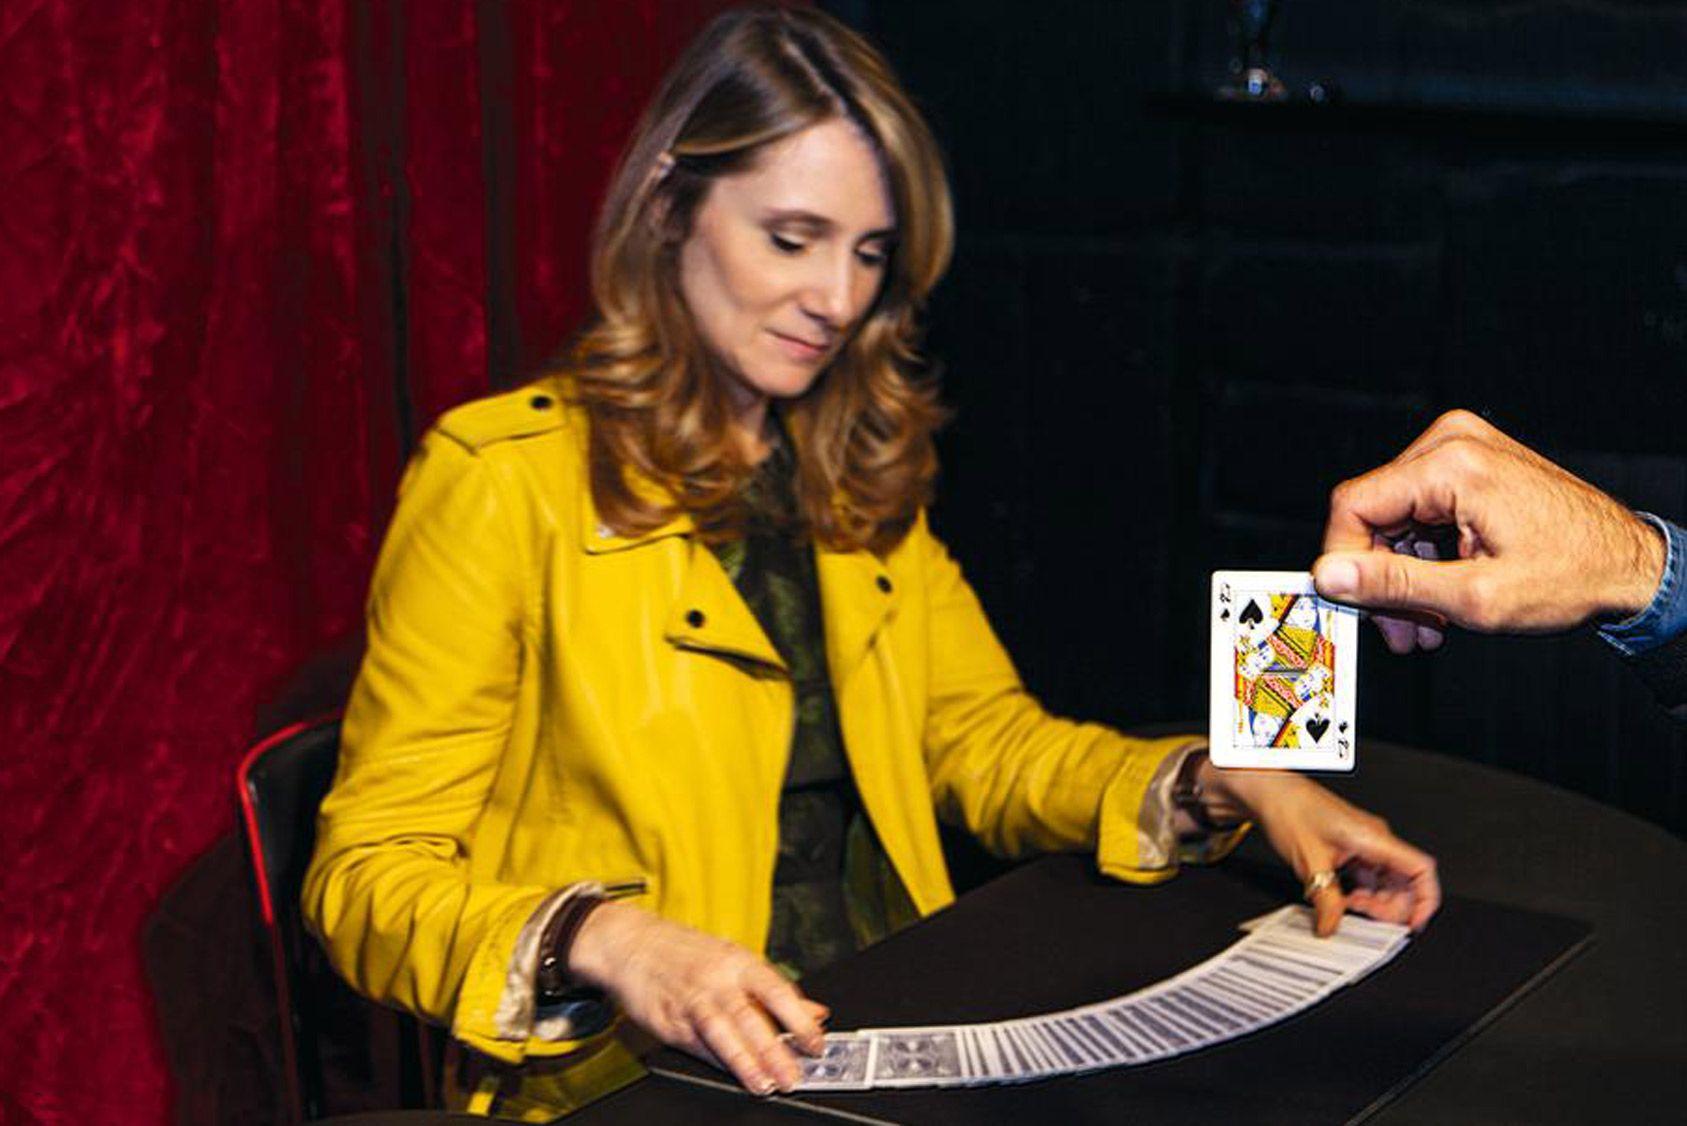 Une heure pour apprendre des tours de magie